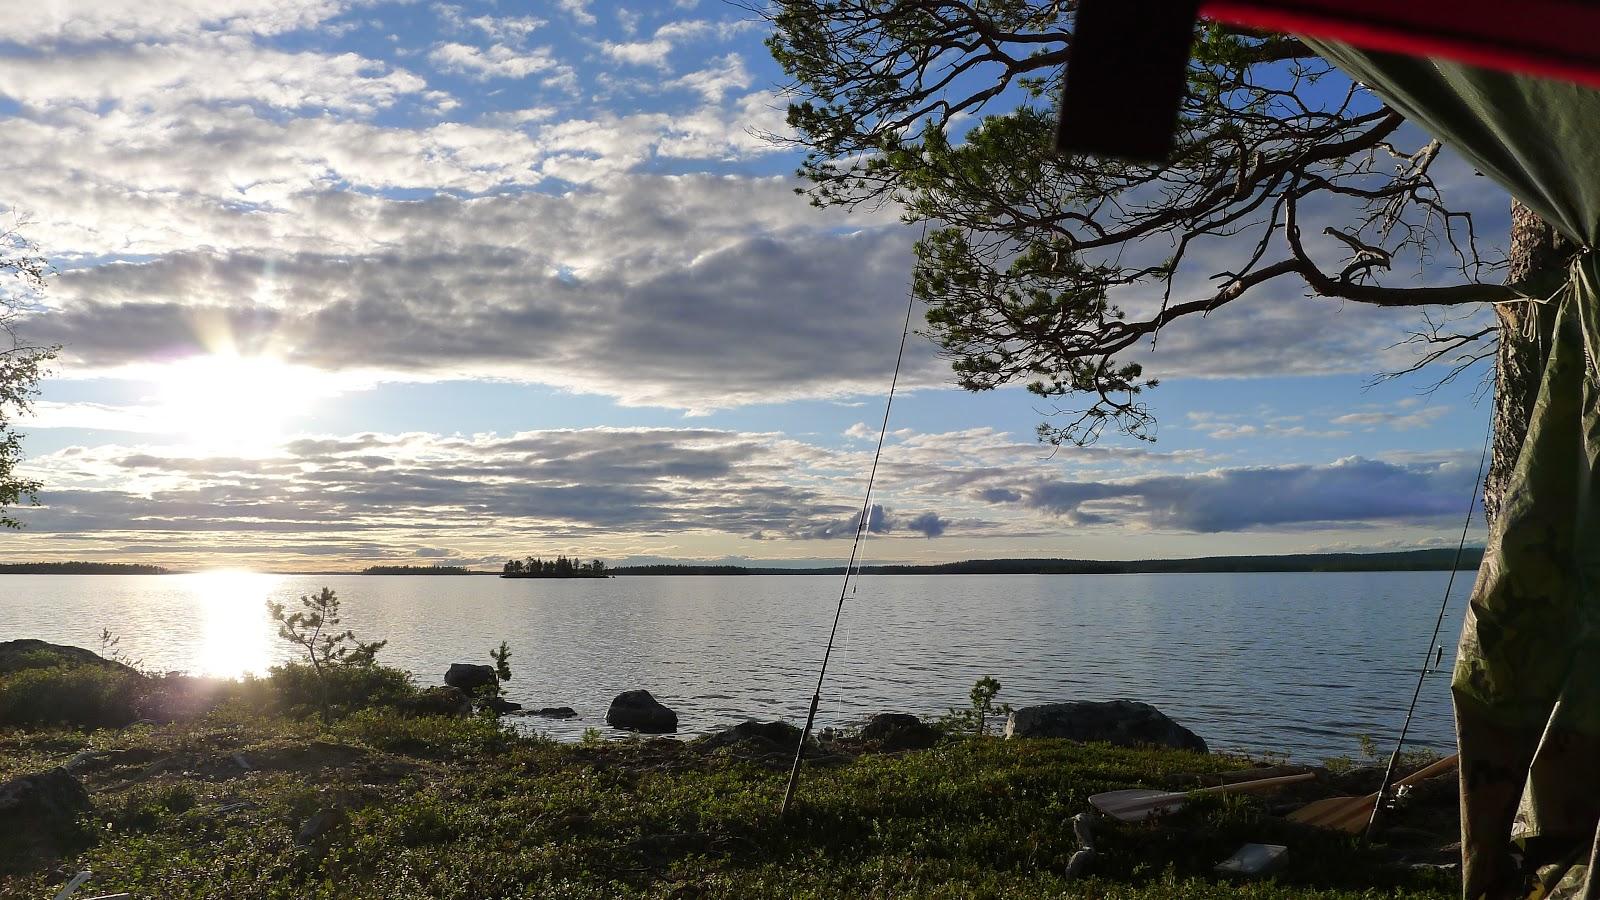 enaresjøen kart Turhistorier: Enare   Munkelva enaresjøen kart